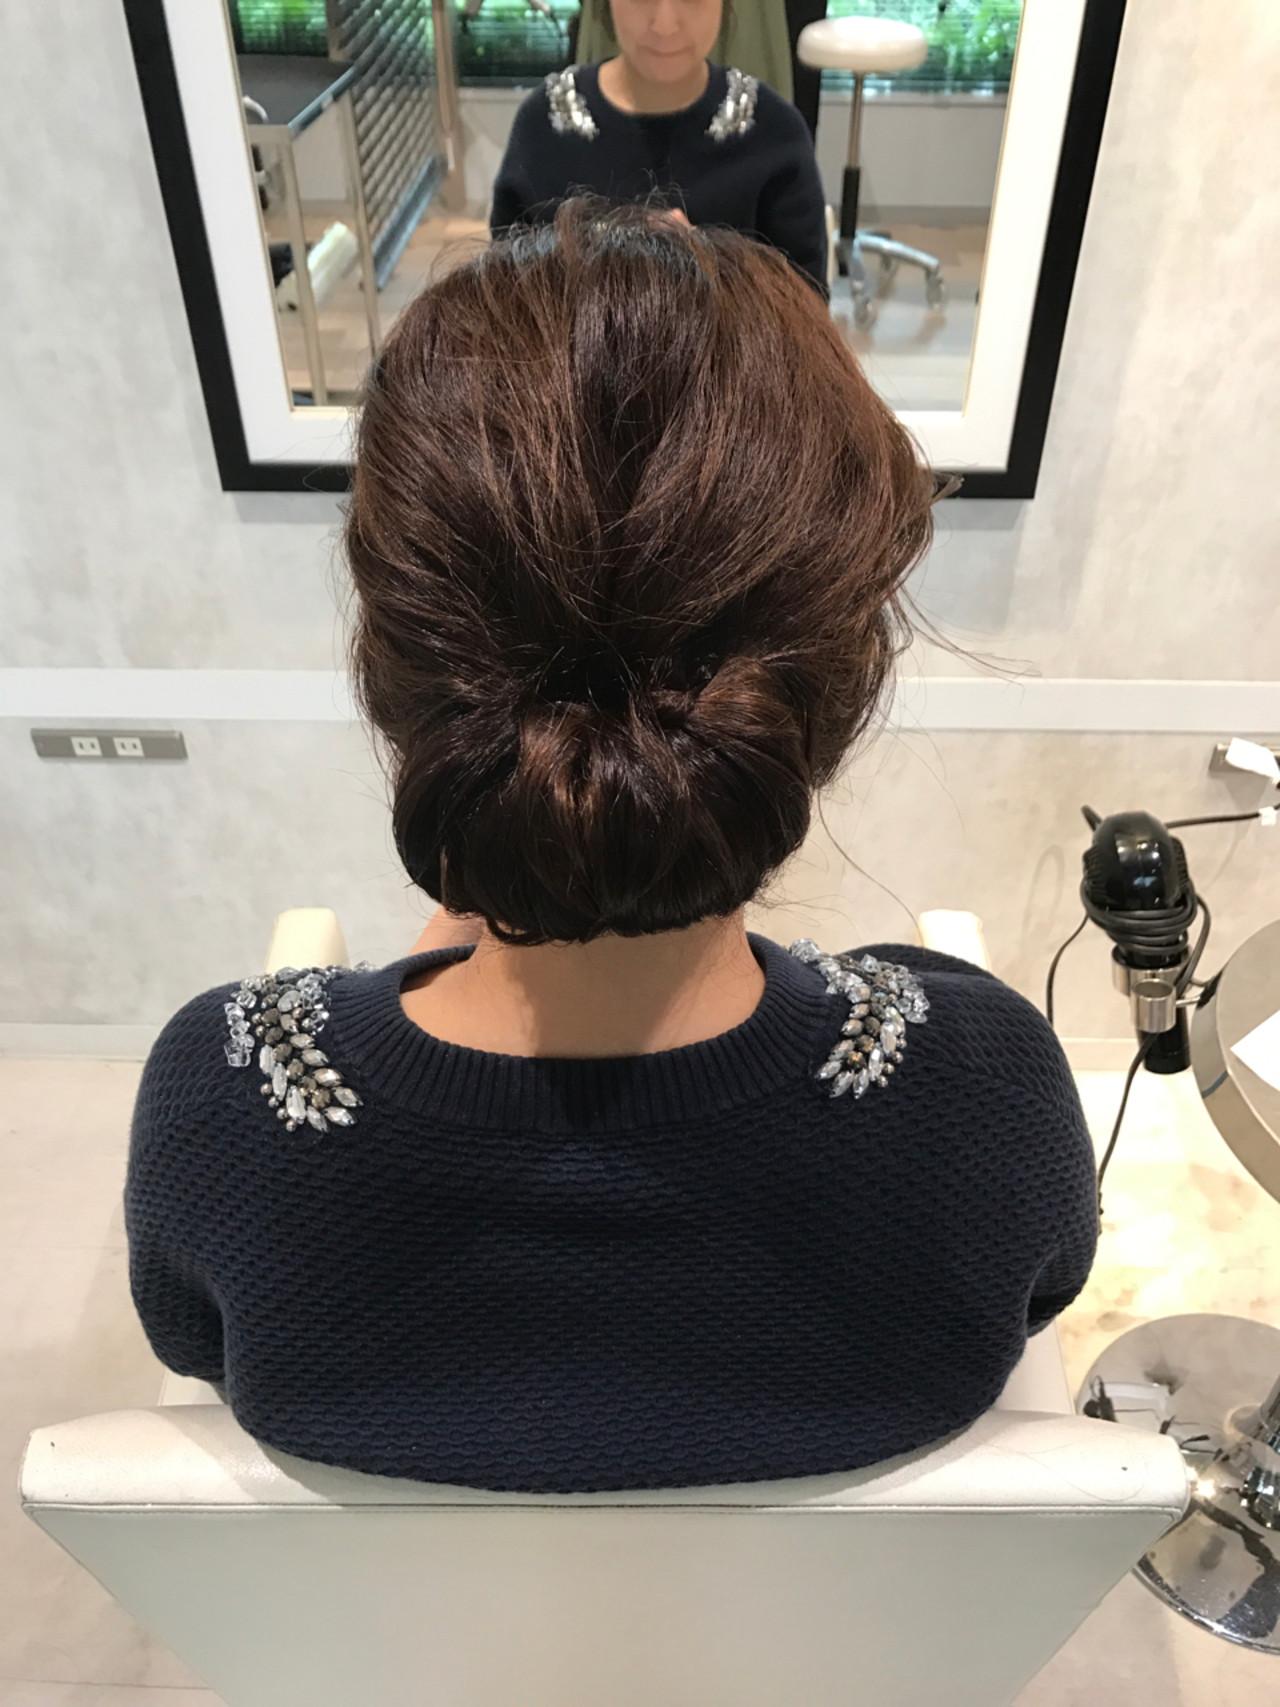 ヘアアレンジ セミロング 簡単ヘアアレンジ こなれ感 ヘアスタイルや髪型の写真・画像 | Meg/k-two AOYAMA / K-two  AOYAMA店